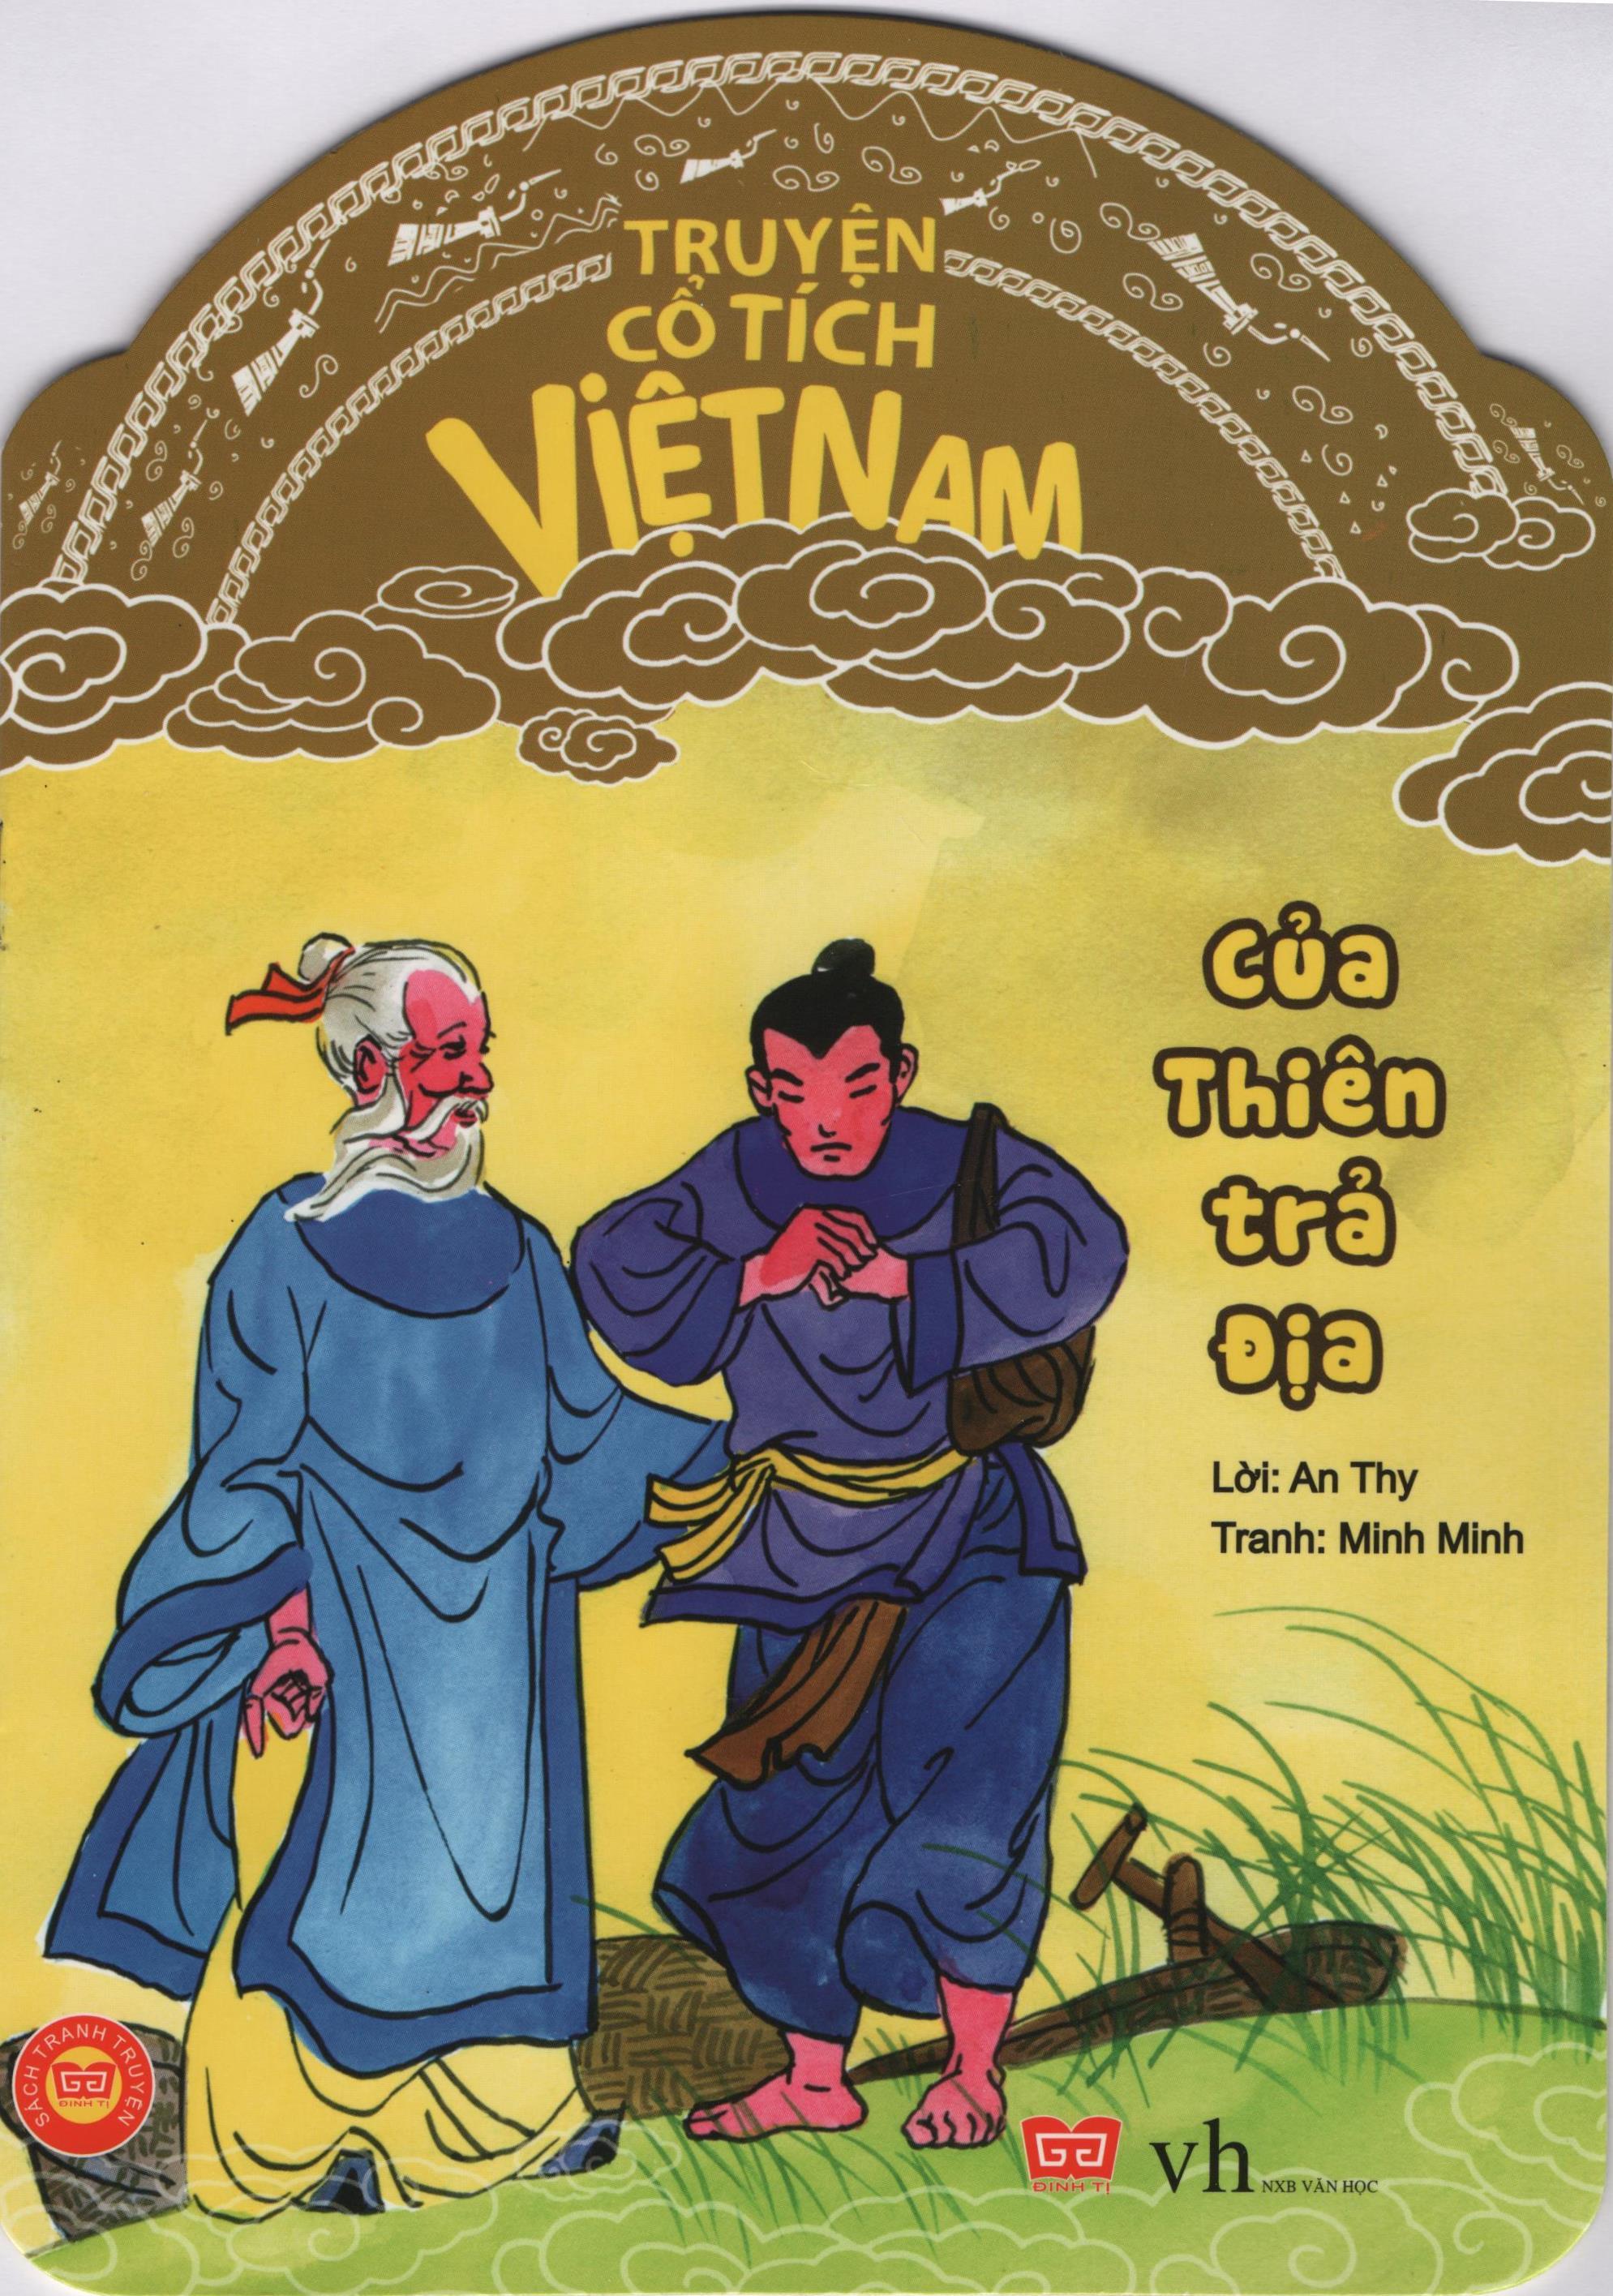 Bìa sách Truyện Cổ Tích Việt Nam - Của Thiên Trả Địa